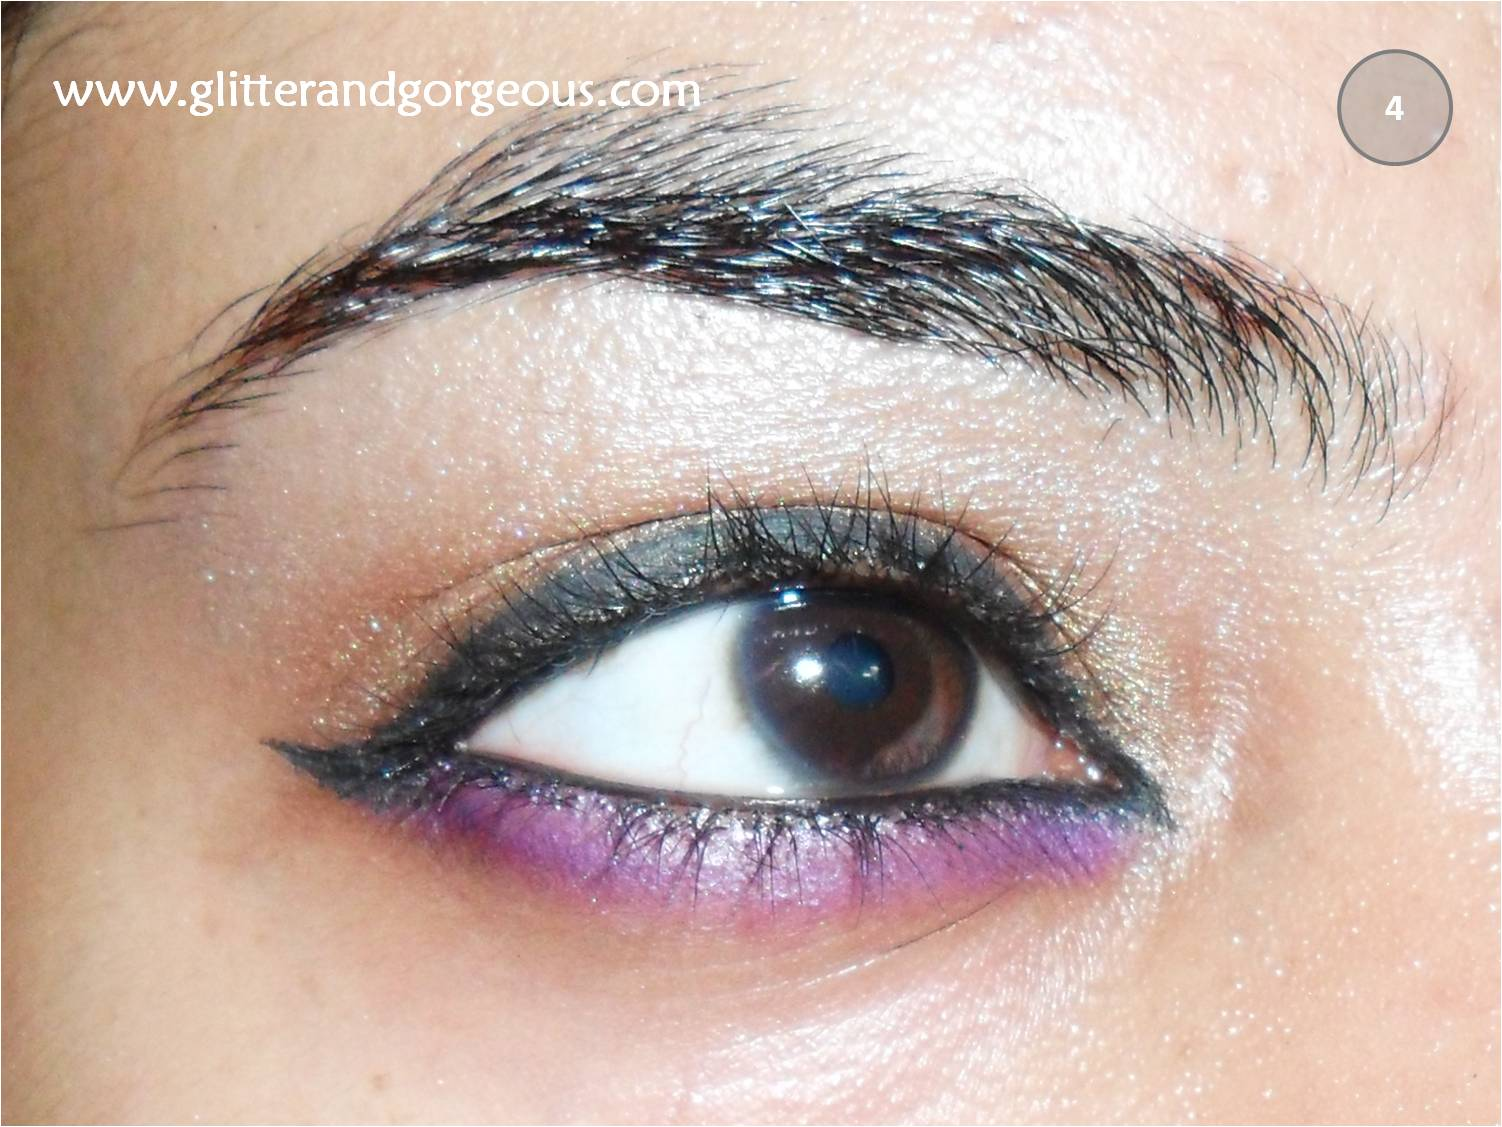 http://1.bp.blogspot.com/-FACKKRUVSc8/UDfTxXEOZYI/AAAAAAAAMc0/KguWgD7gV-s/s1600/Step-04.jpg